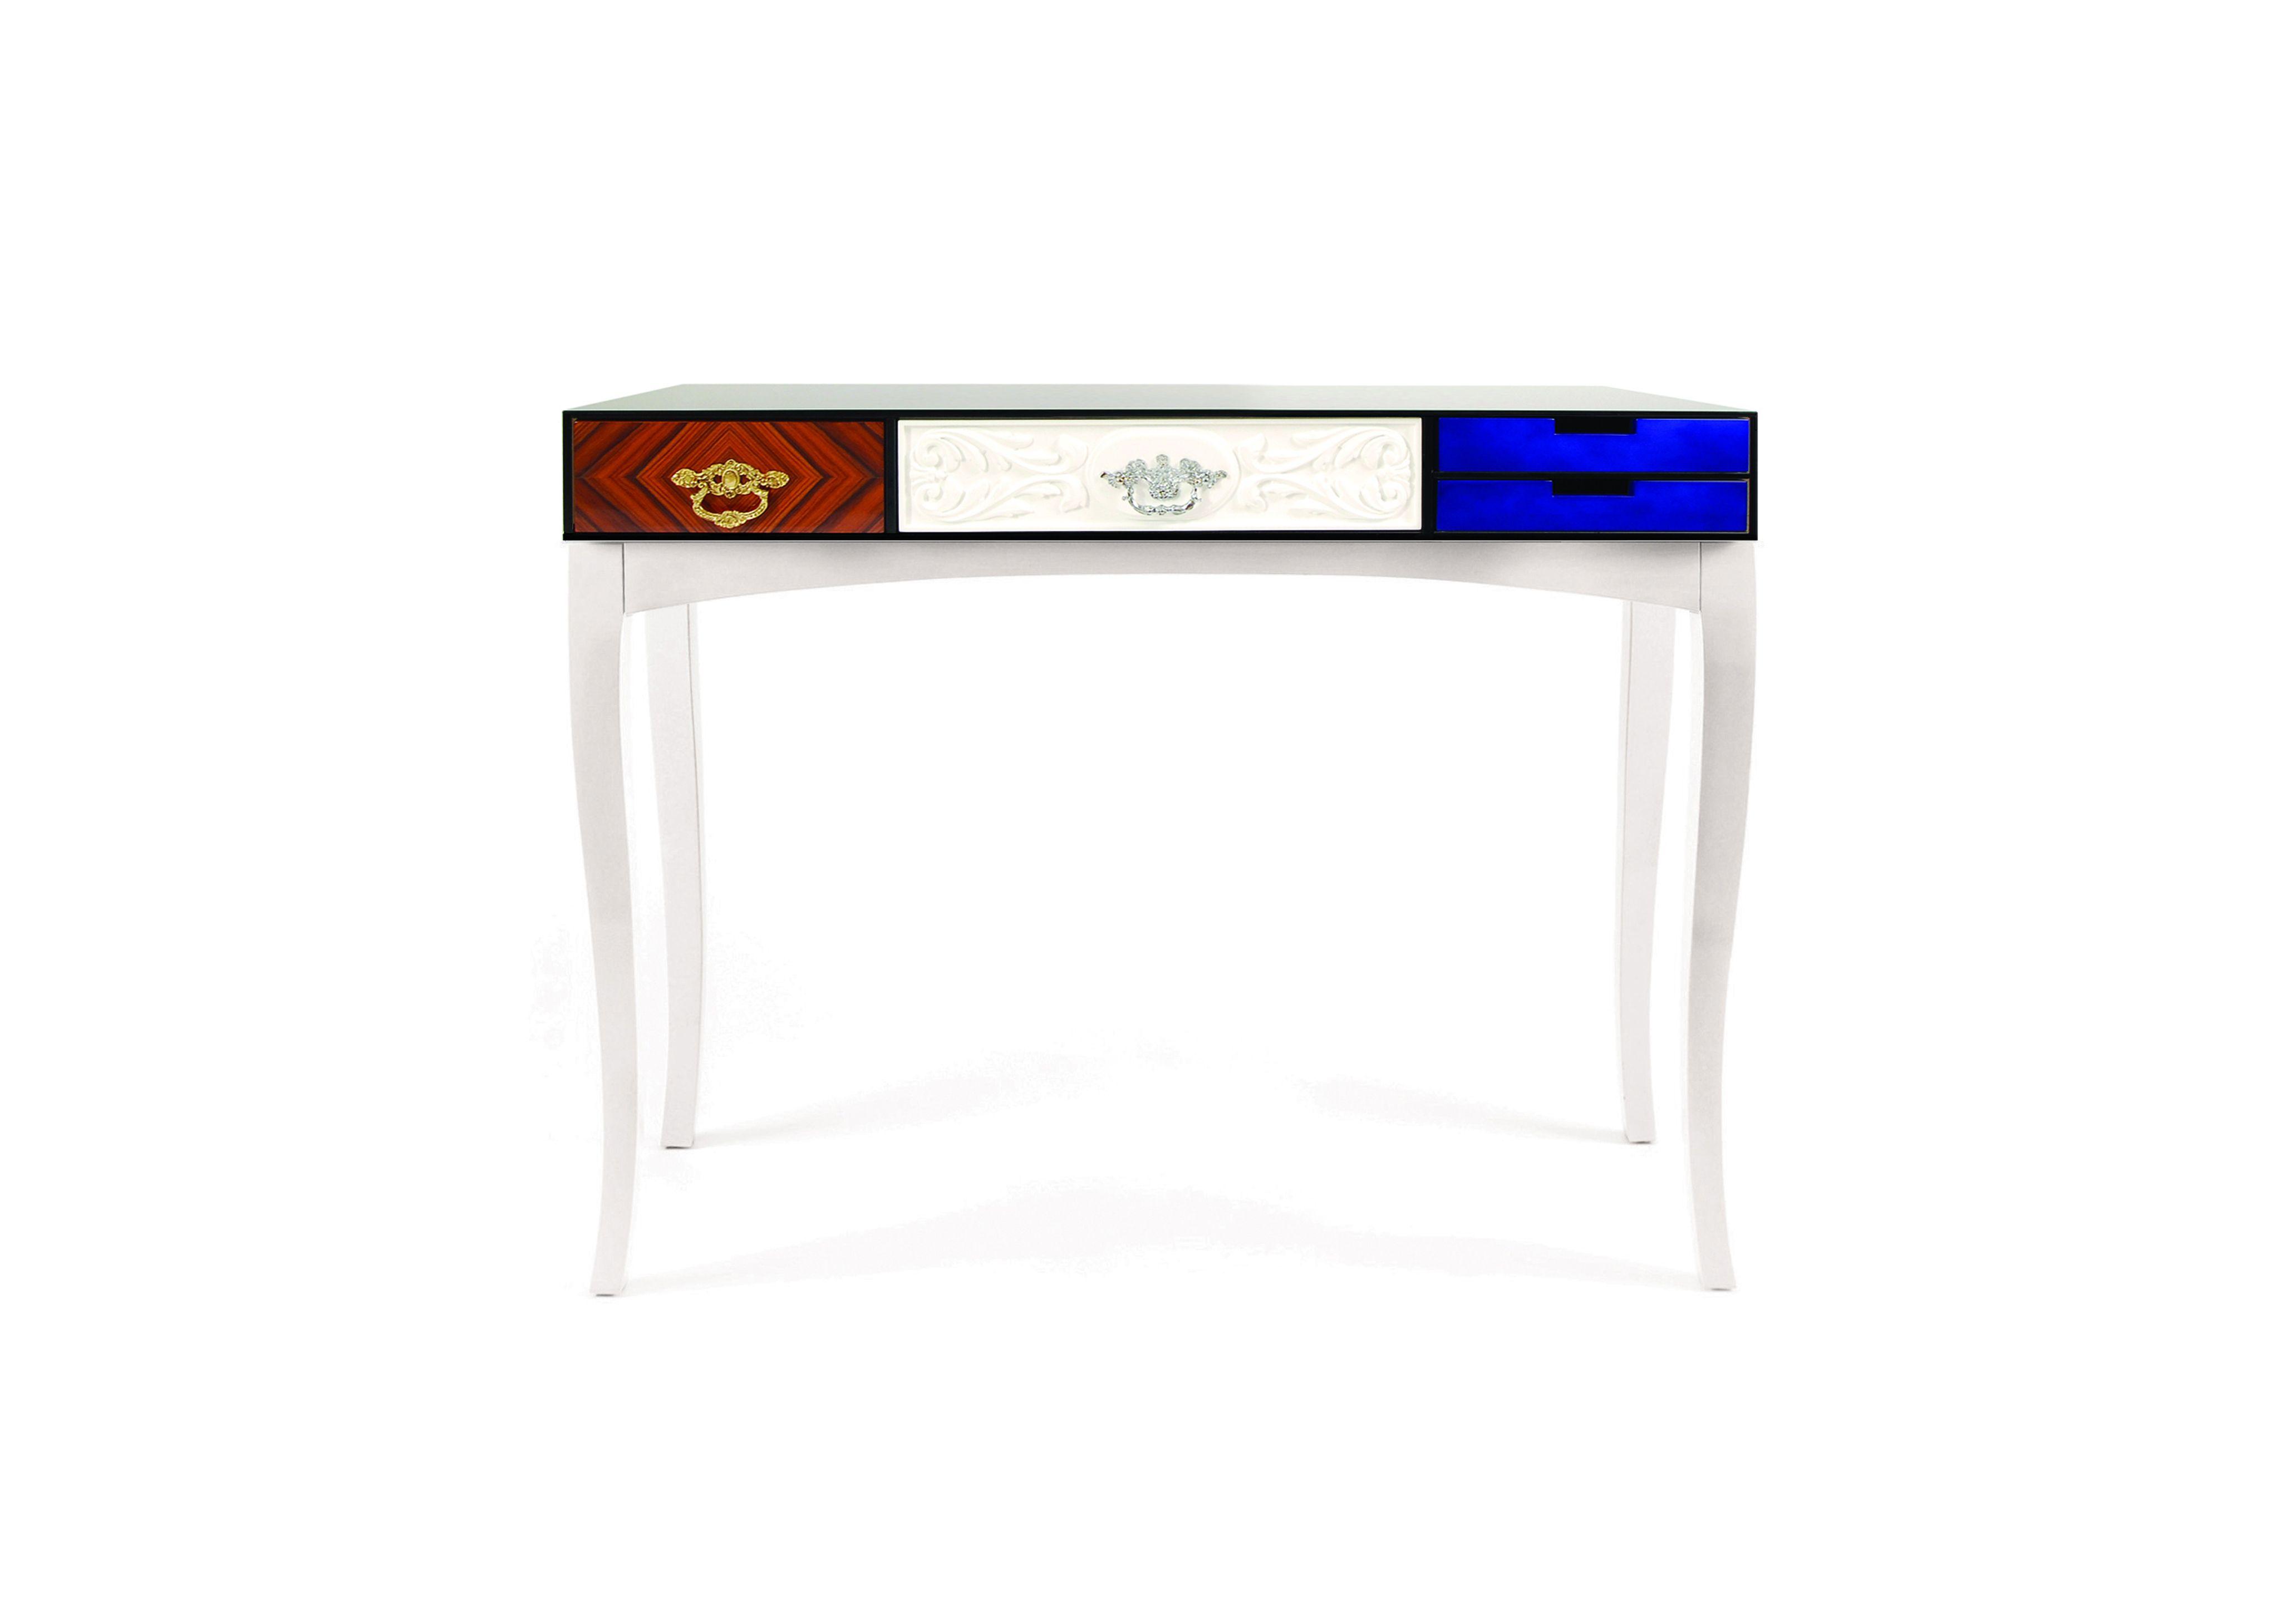 Glass console table with mirror soho console table by boca do lobo  cadolobo bocadolobo